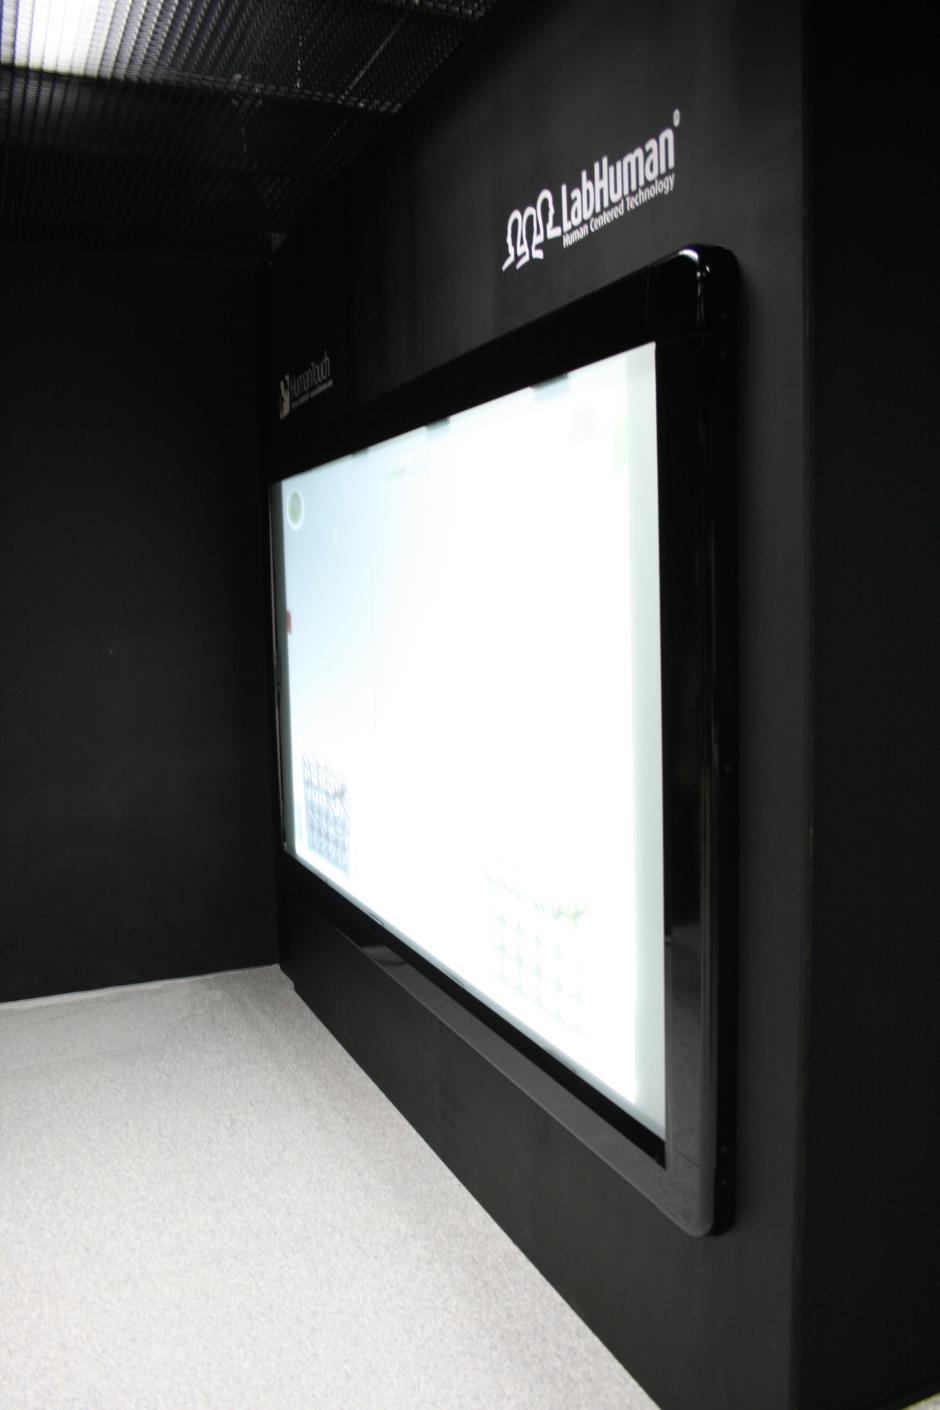 Pantalla proyector táctil de gran formato human touch wall diseñada por discoh design para labhuman